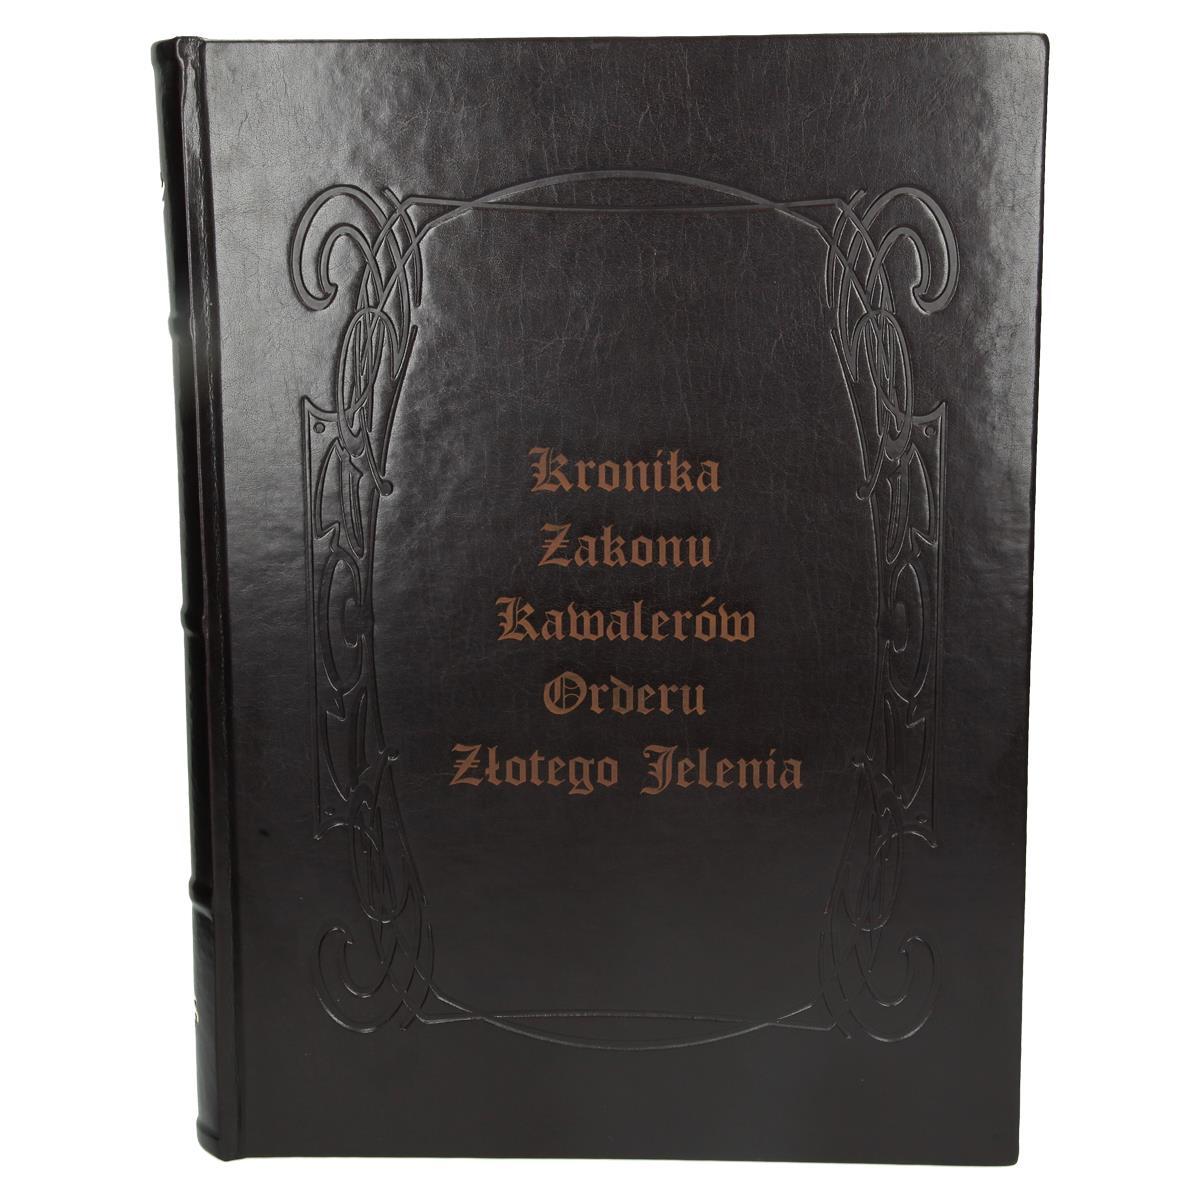 Kronika z grawerem na okładce 3278_1 Kroniki, księgi